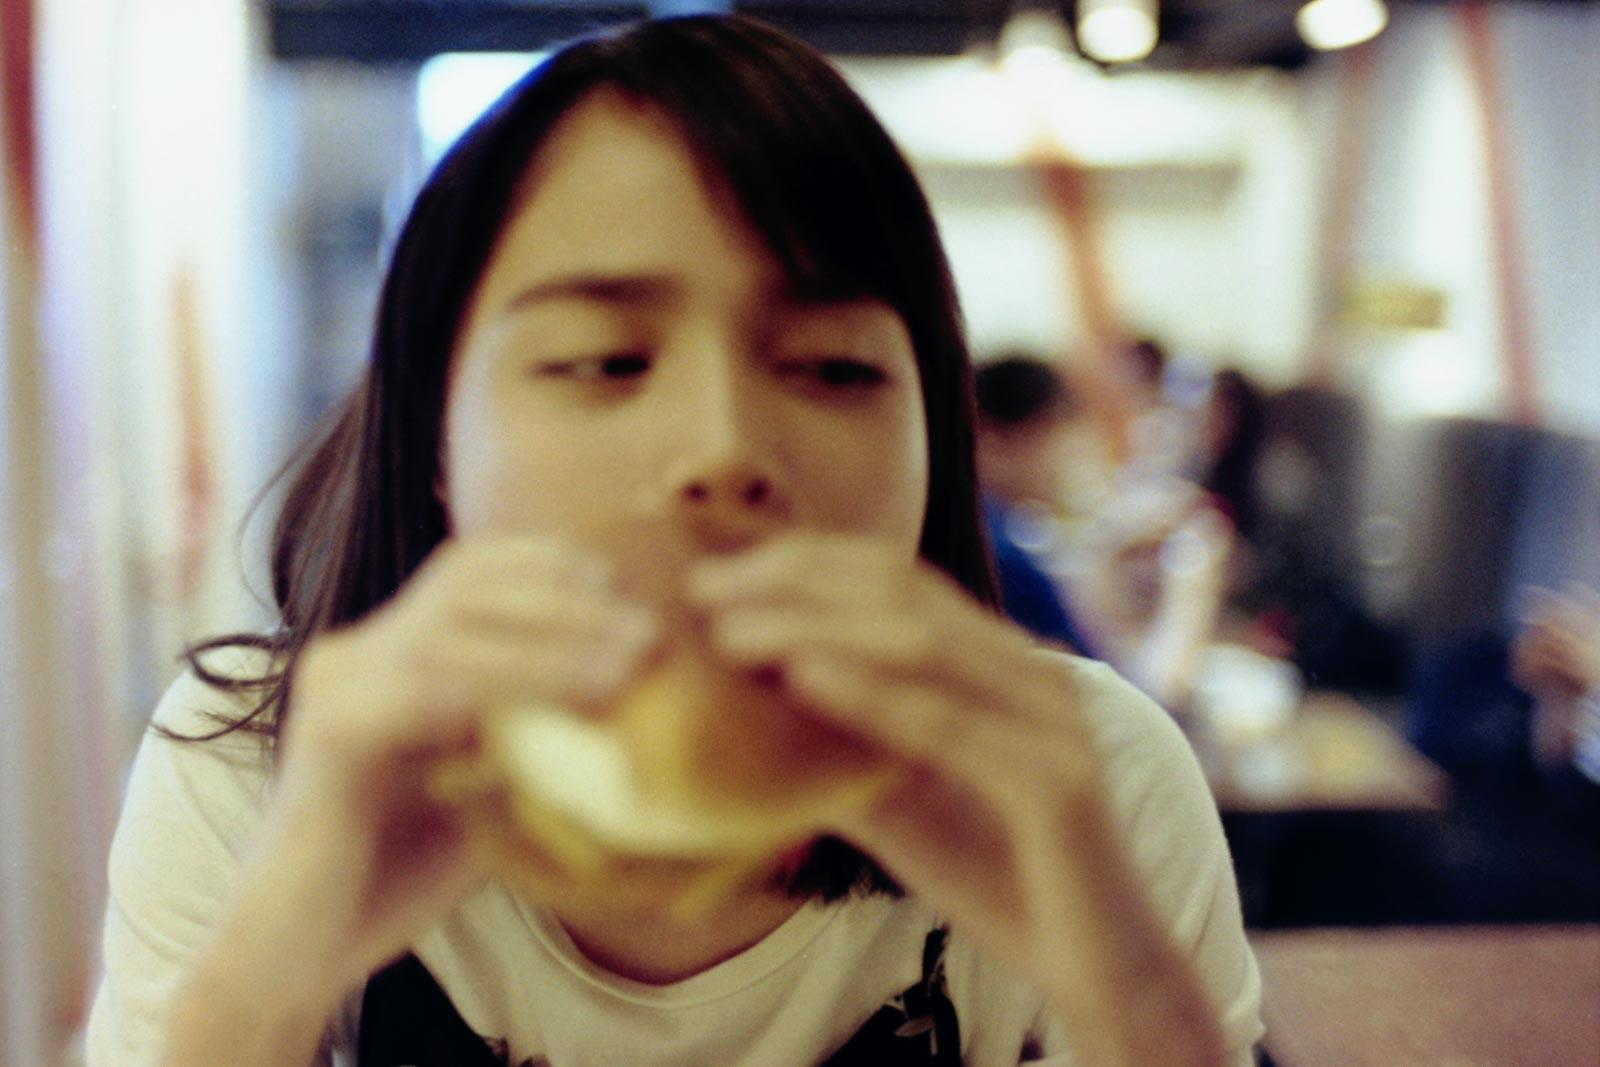 ハンバーガーのランチ